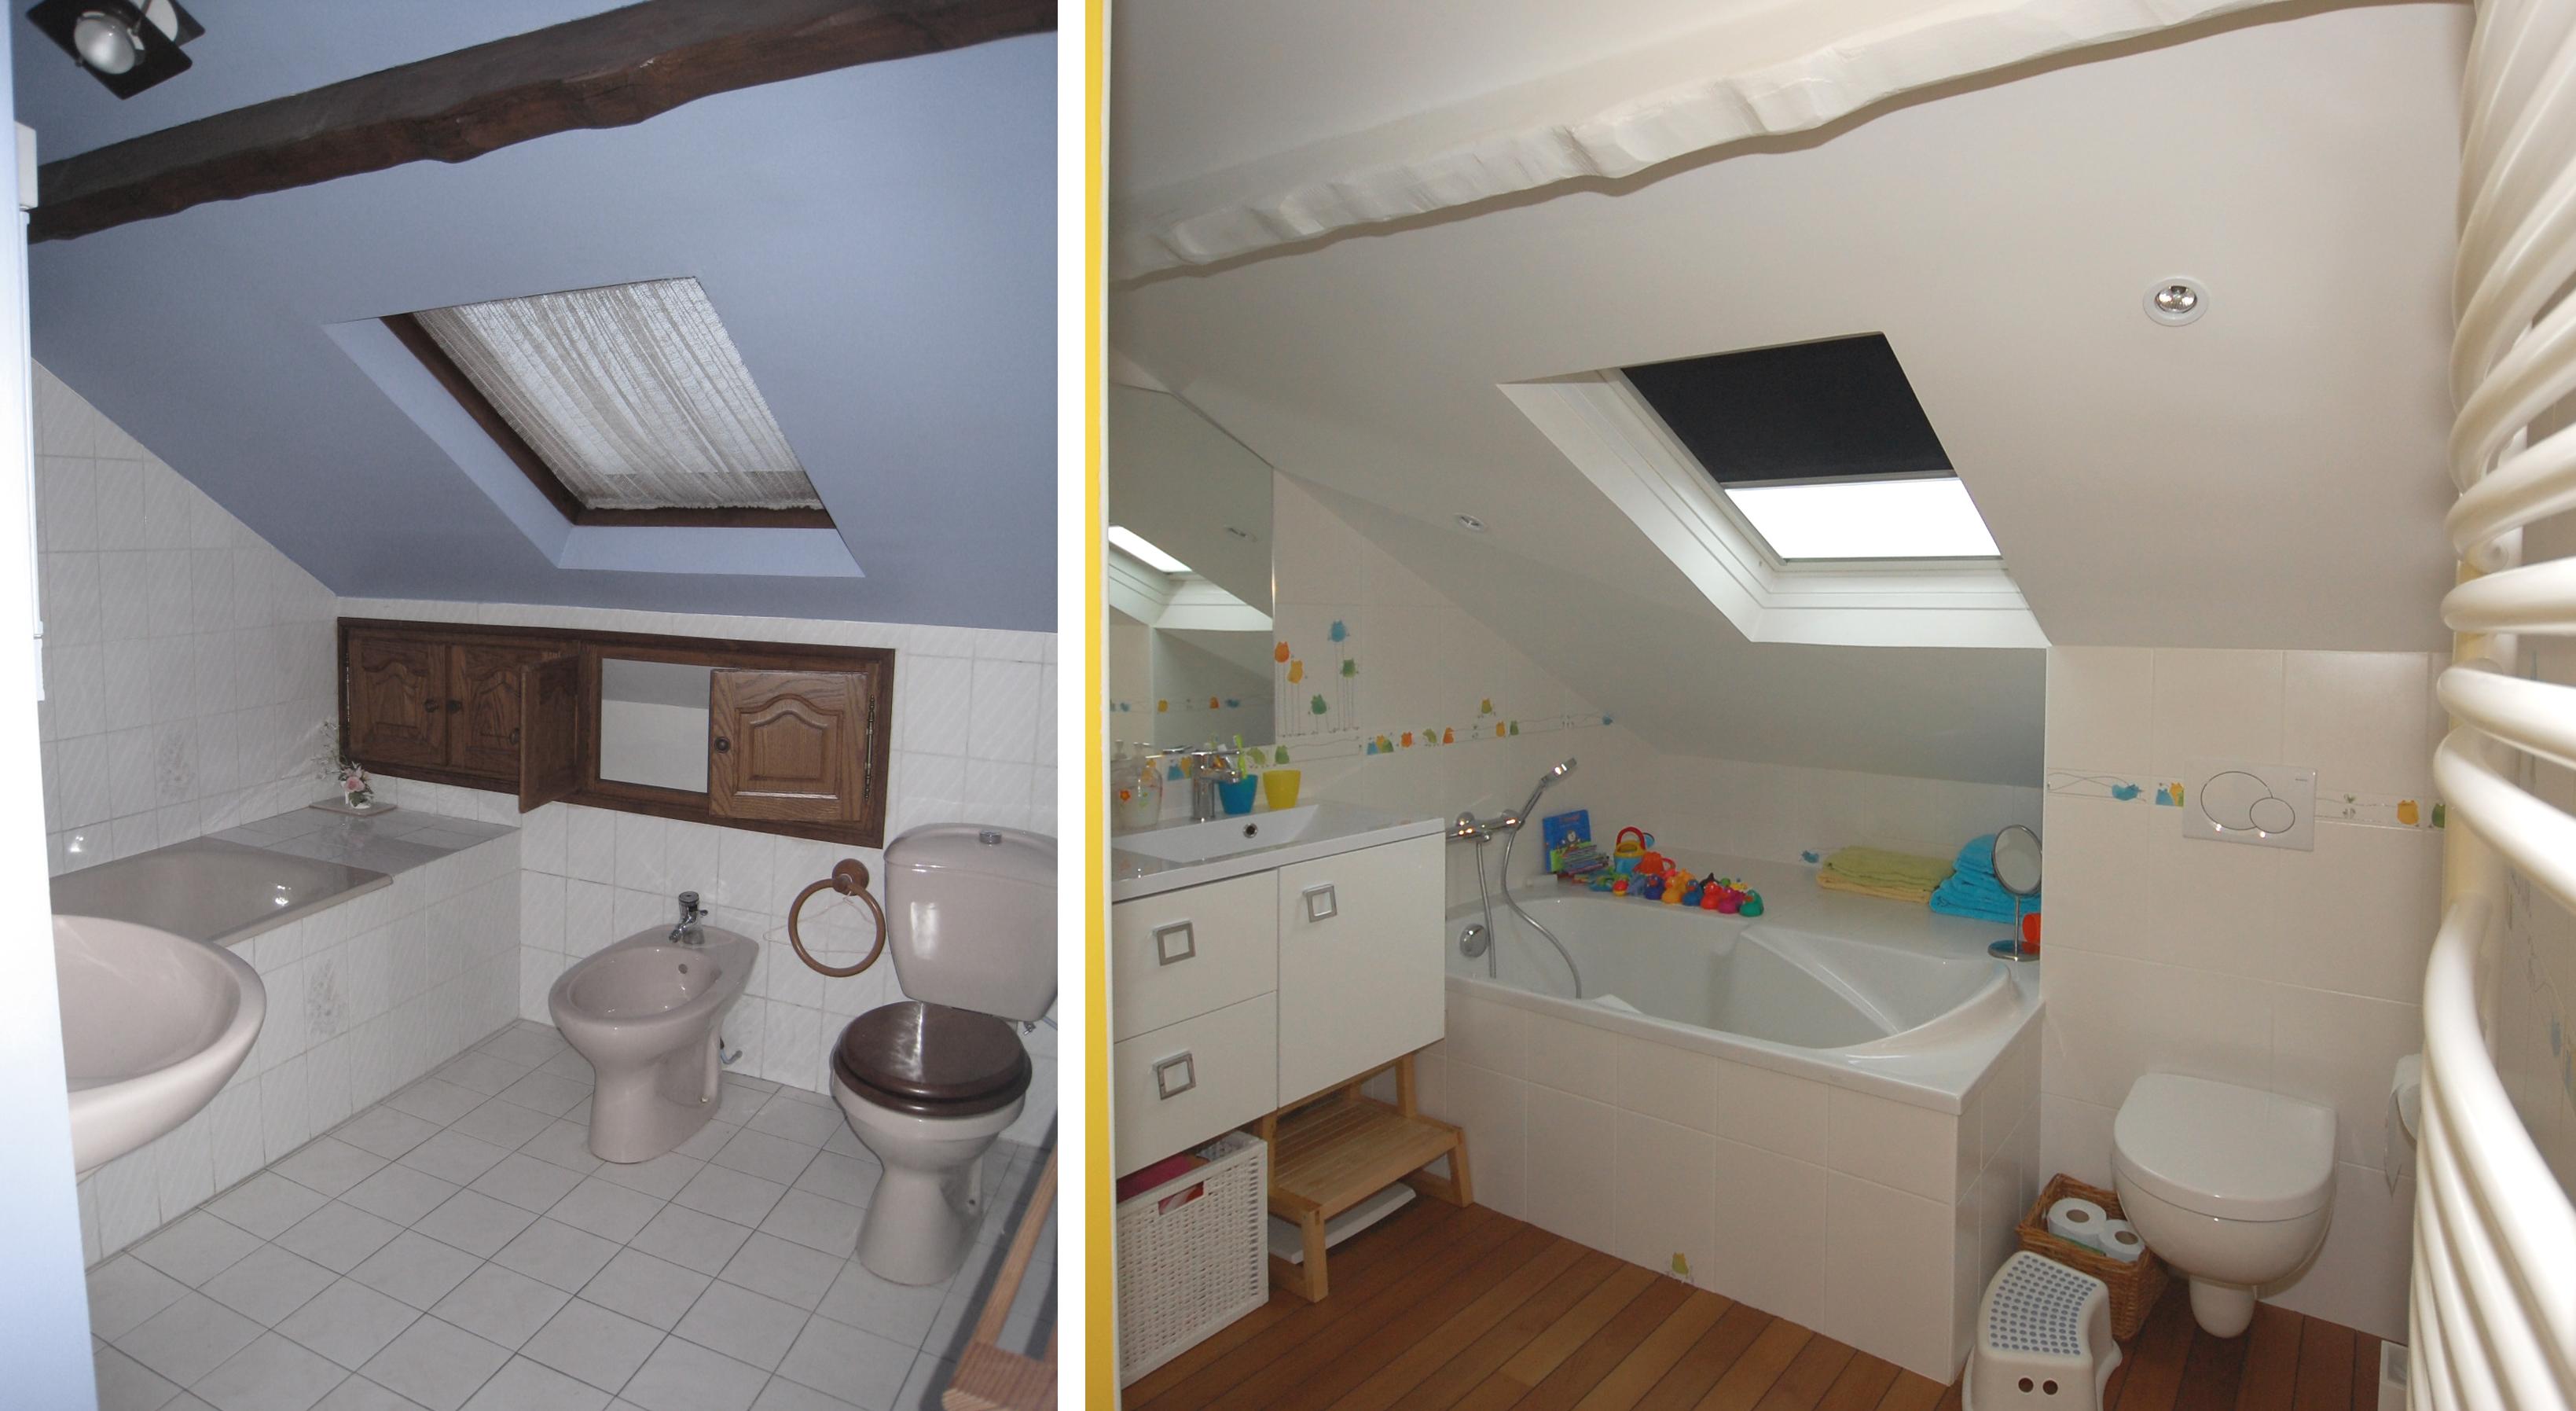 Douche sous comble stunning douche sous pente chambre for Amenagement de salle de bain sous comble